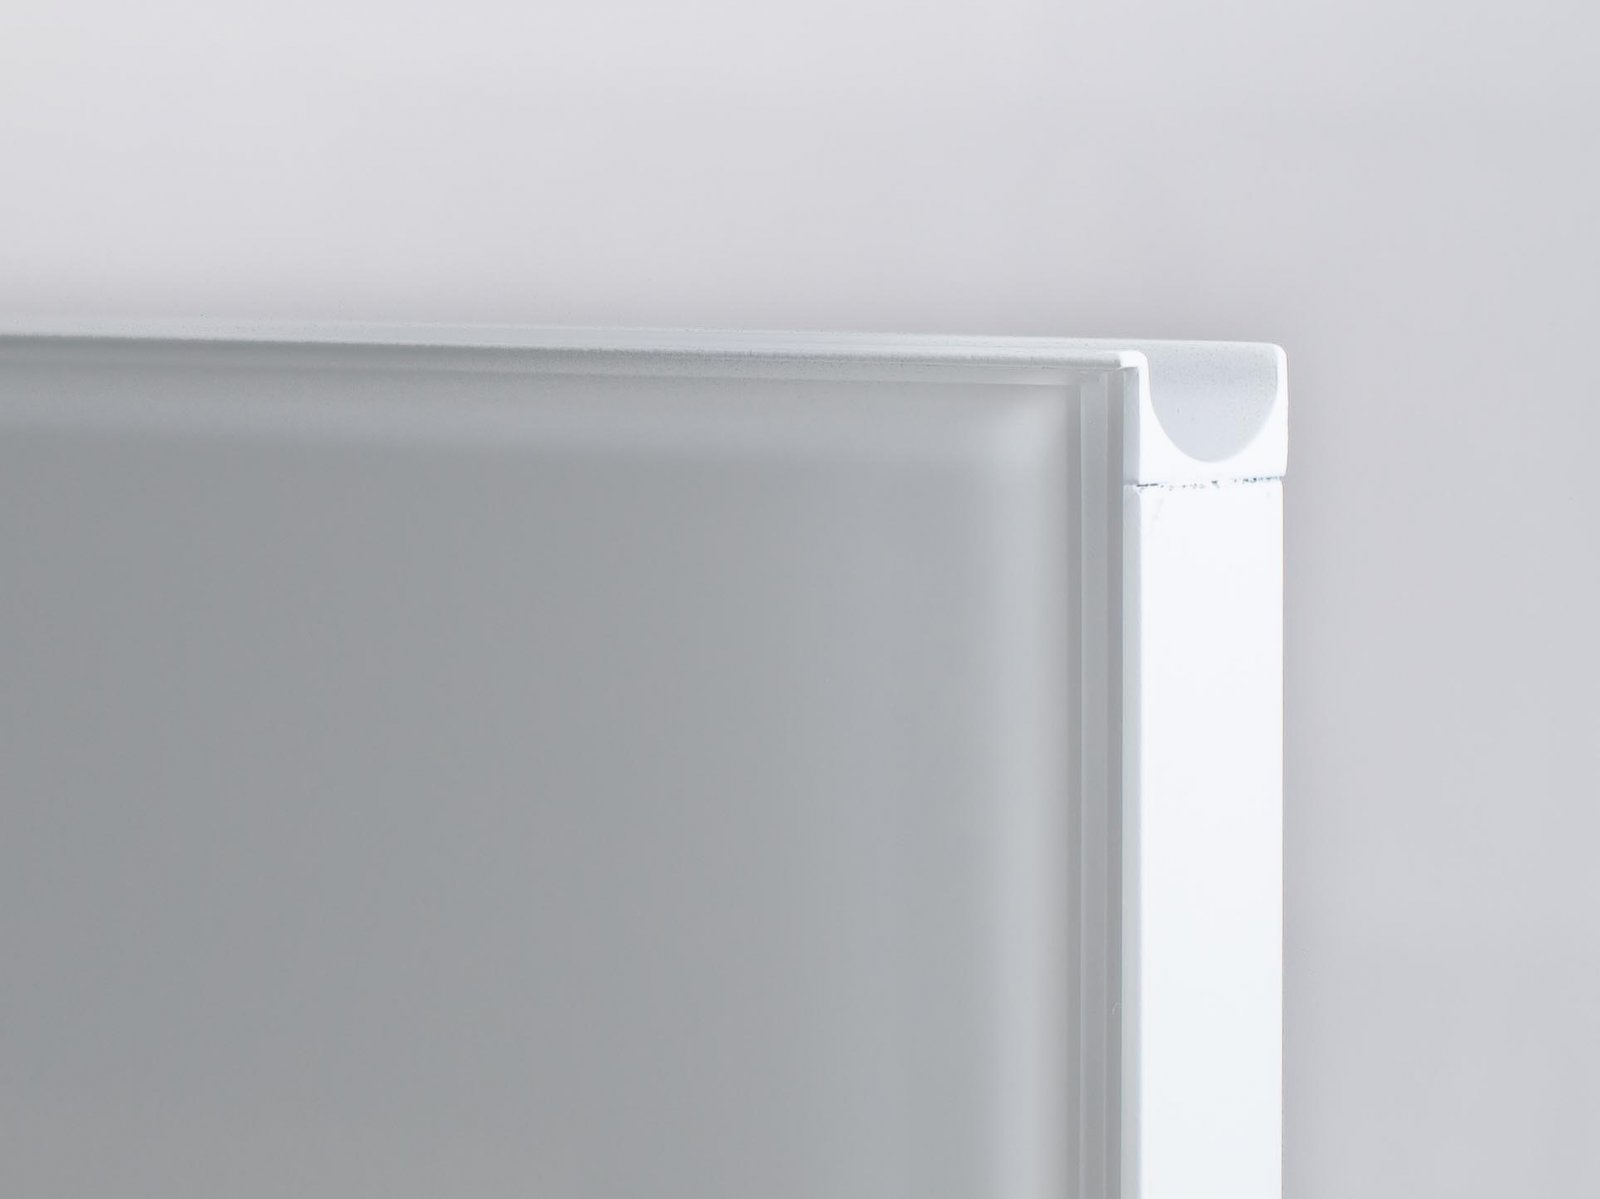 Porta-6 (Perfil V08 lacado branco + puxador P07 lacado branco + vidro extra-claro branco)